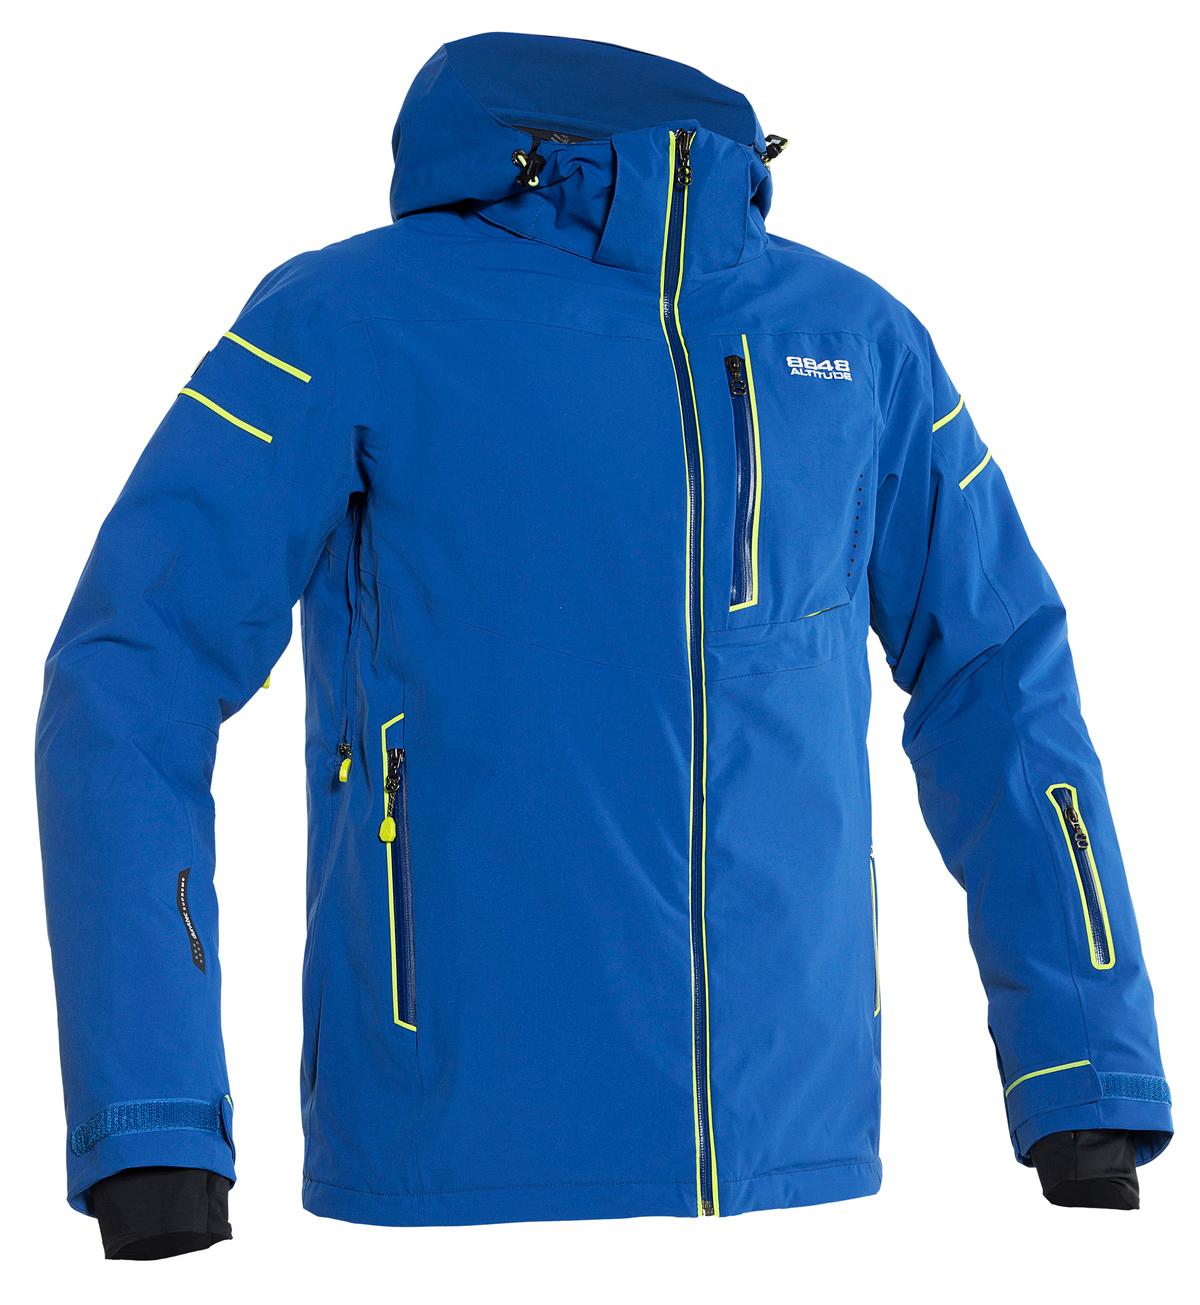 Горнолыжная куртка 8848 ALTITUDE «SWITCH» синяя (782940)